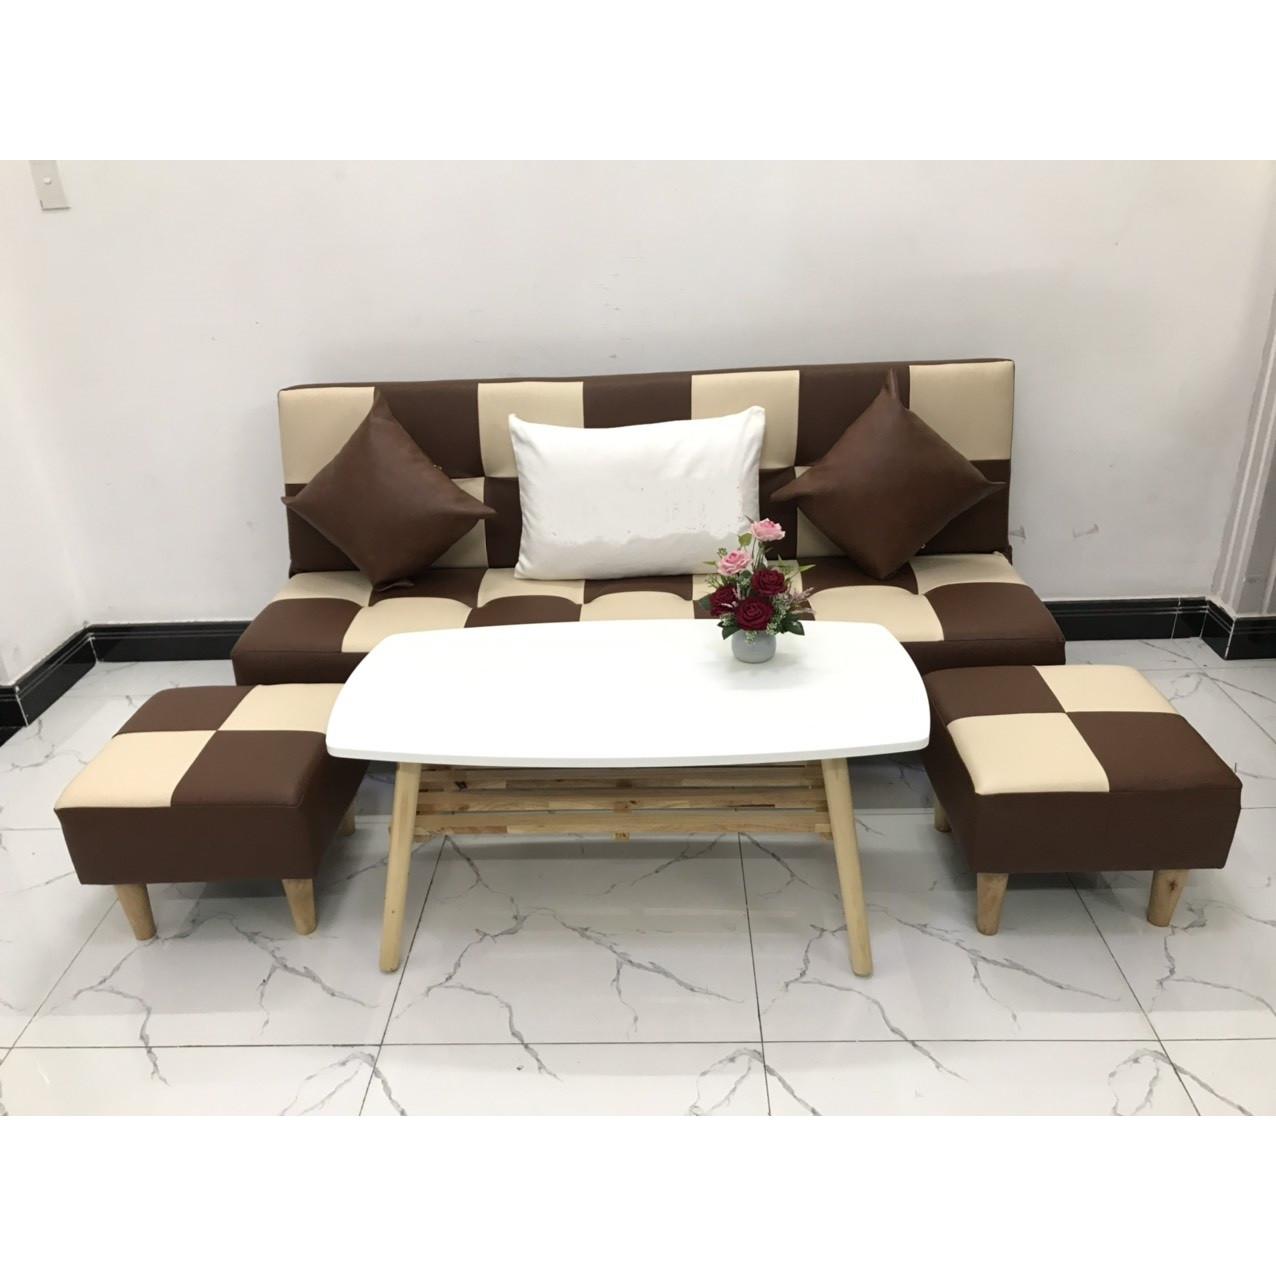 Bộ ghế sofa giường 1m7x90 sofa bed phòng khách linco19